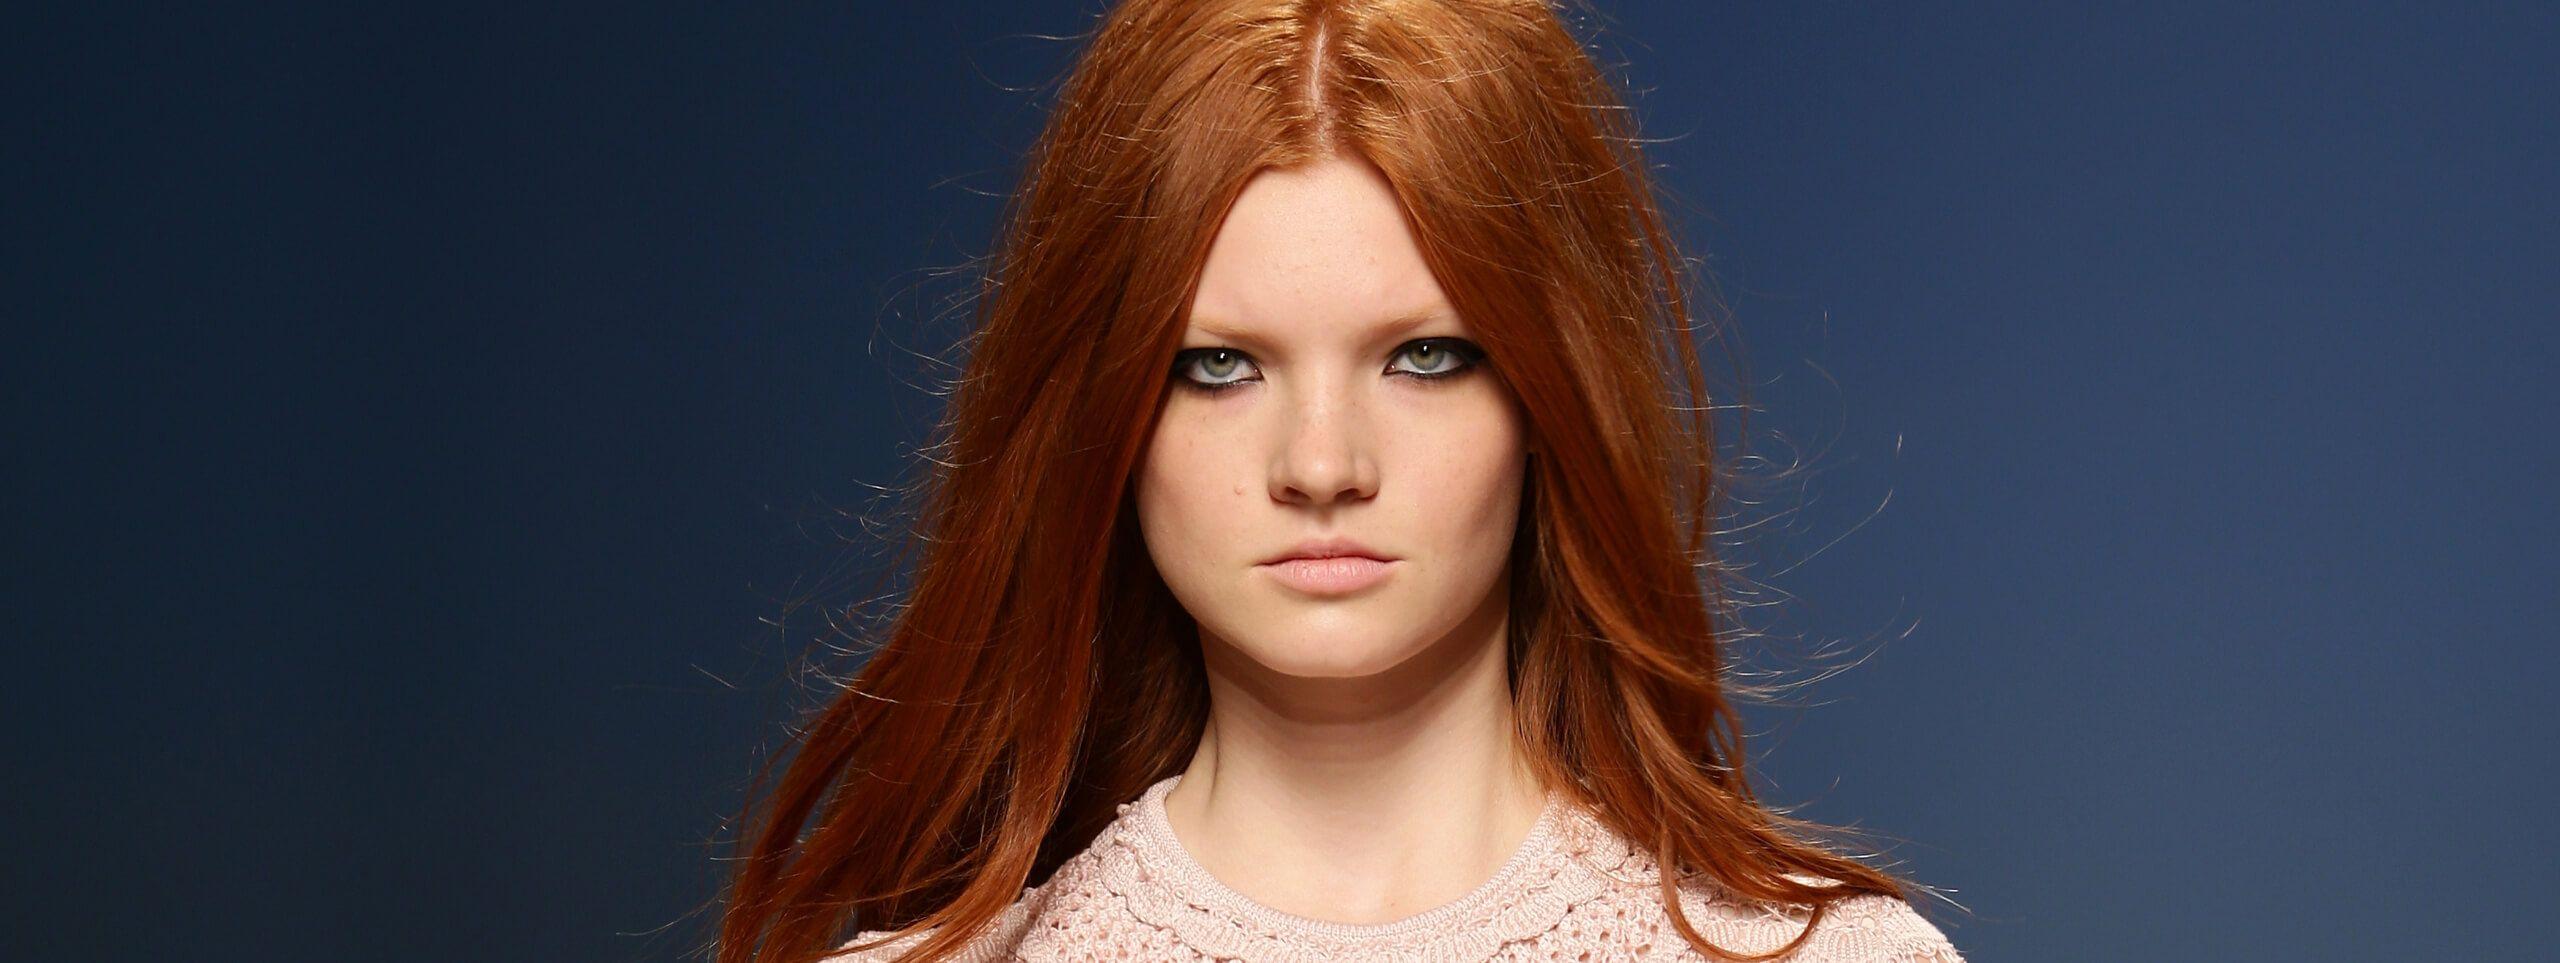 Kobieta z ciepłym odcieniem włosów